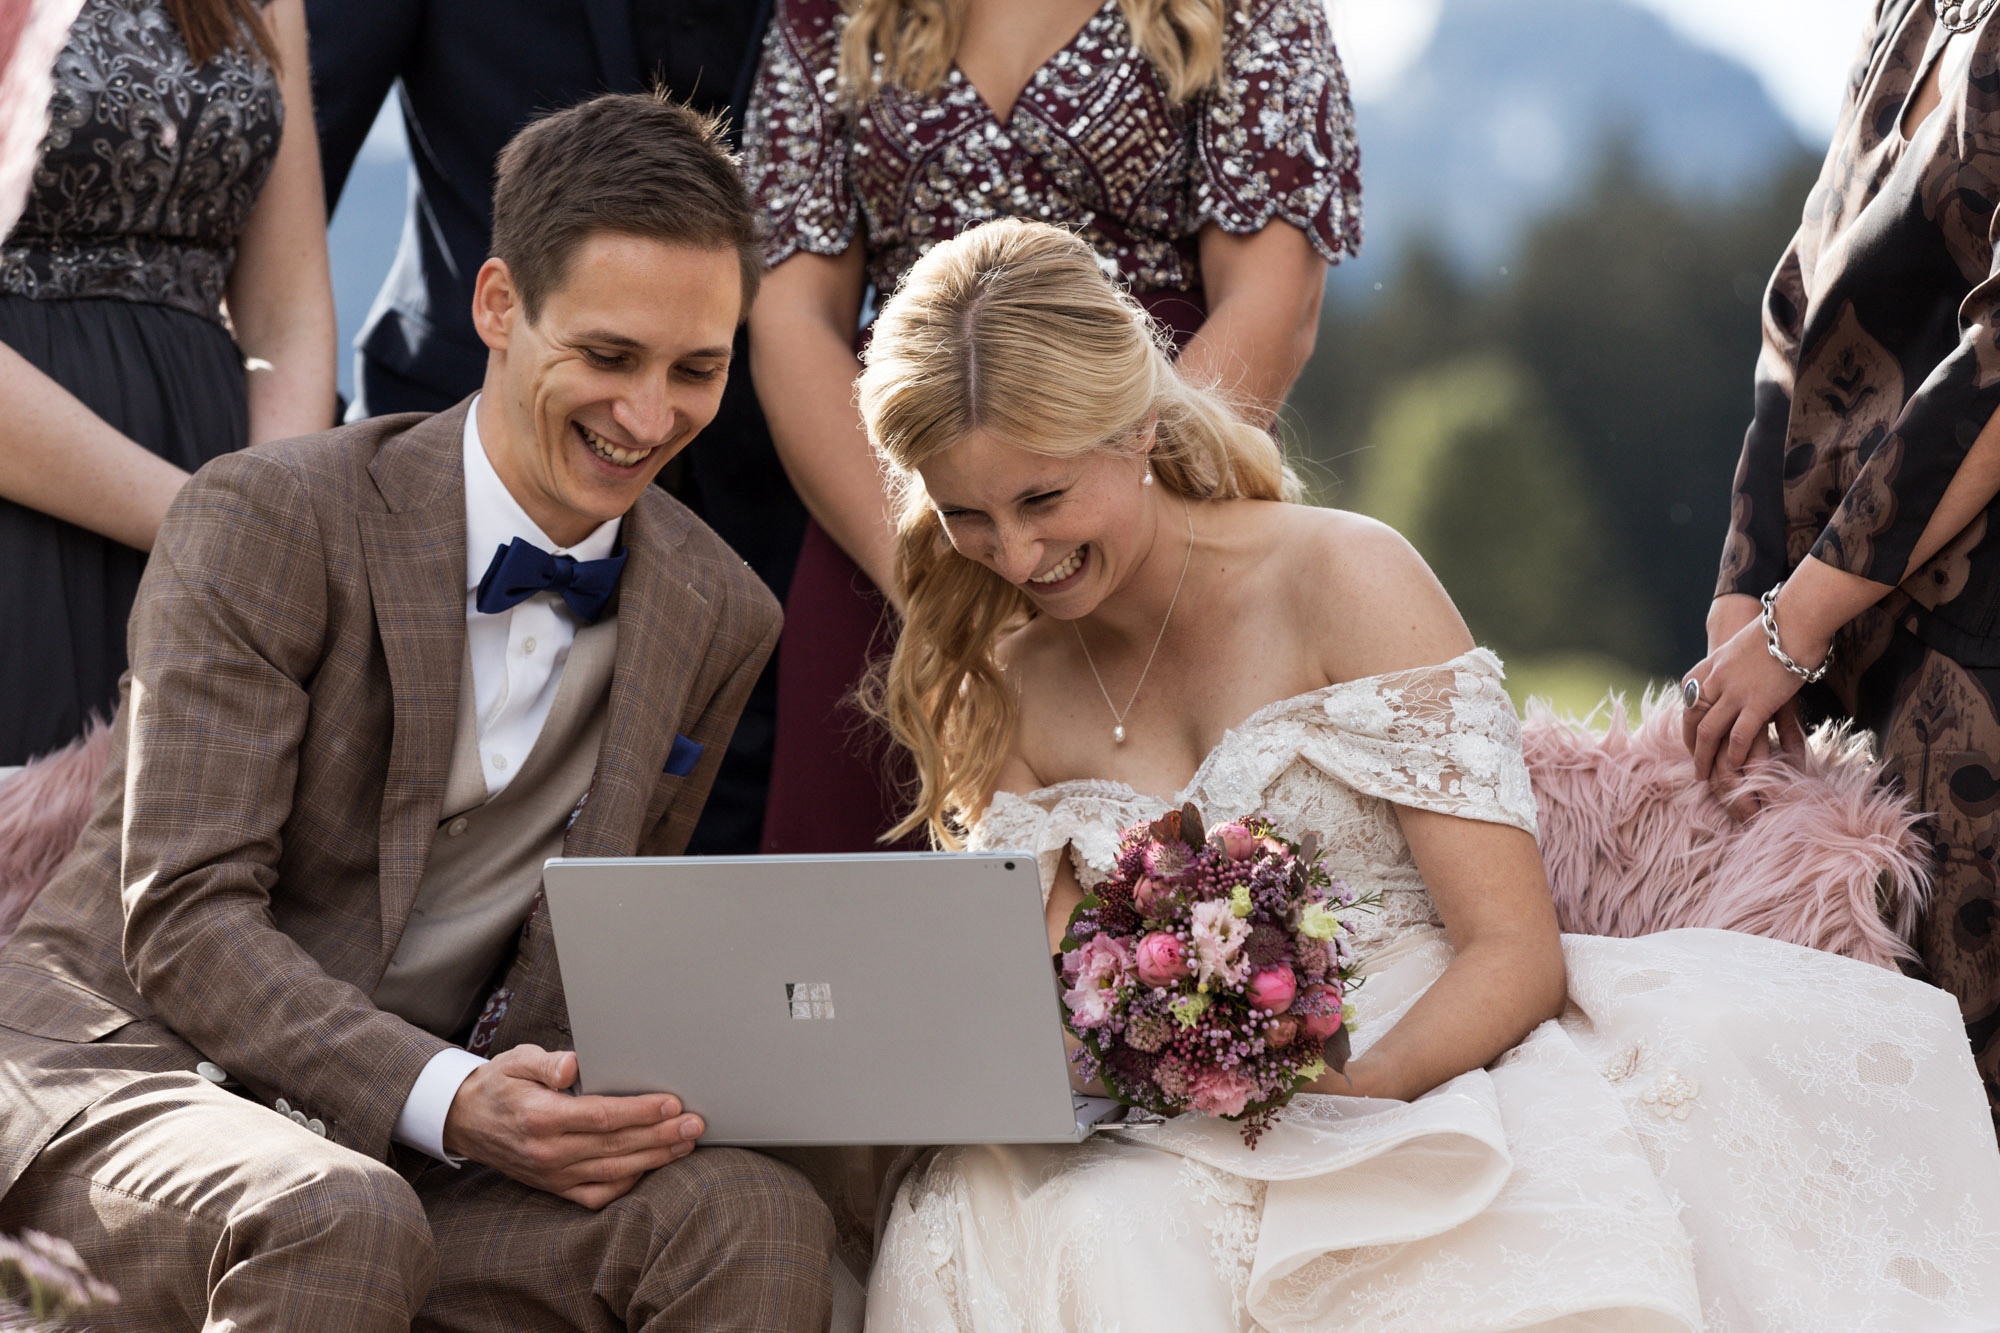 Das Brautpaar schaut sich die Glückwünsche der Familien auf dem Laptop an - Hochzeit in den Bergen - Freie Trauung - Hochzeitsfotograf